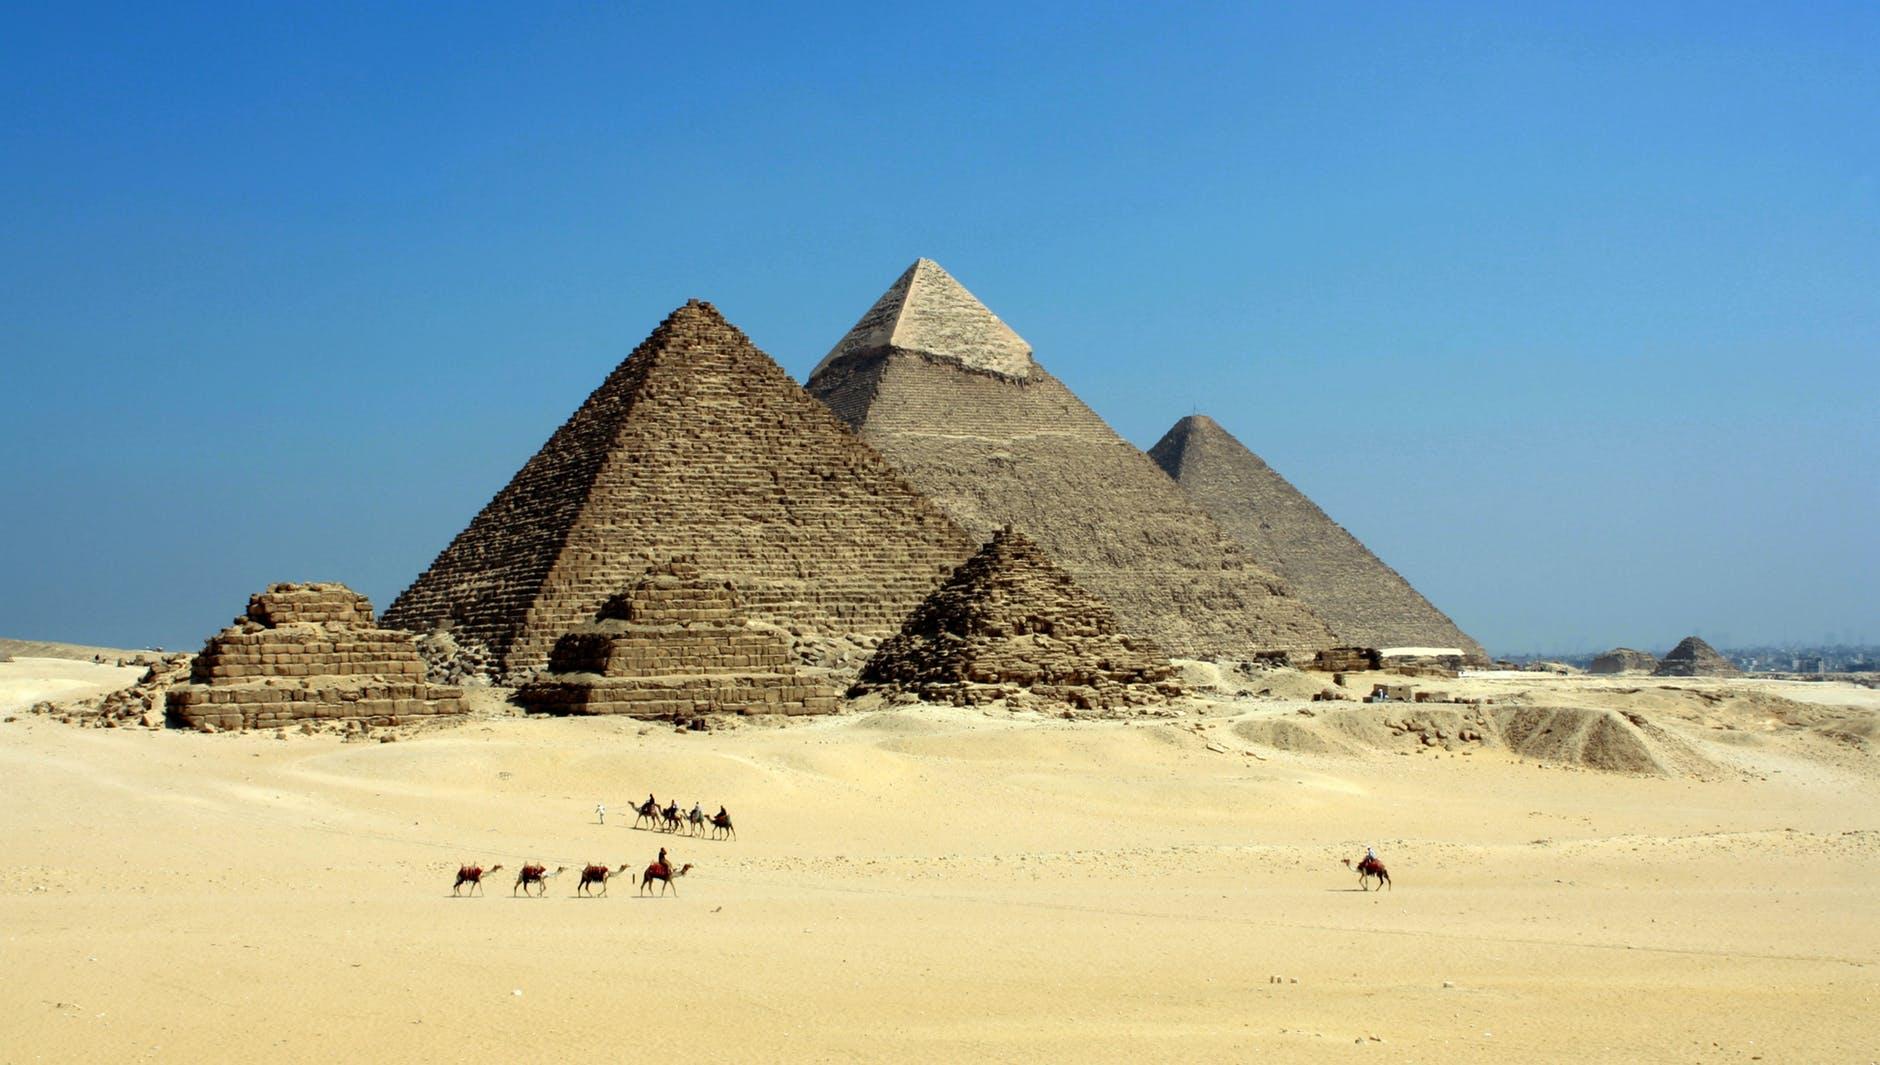 Magnifique vidéo sur l'alignement des pyramides de Gizeh avec les étoiles !